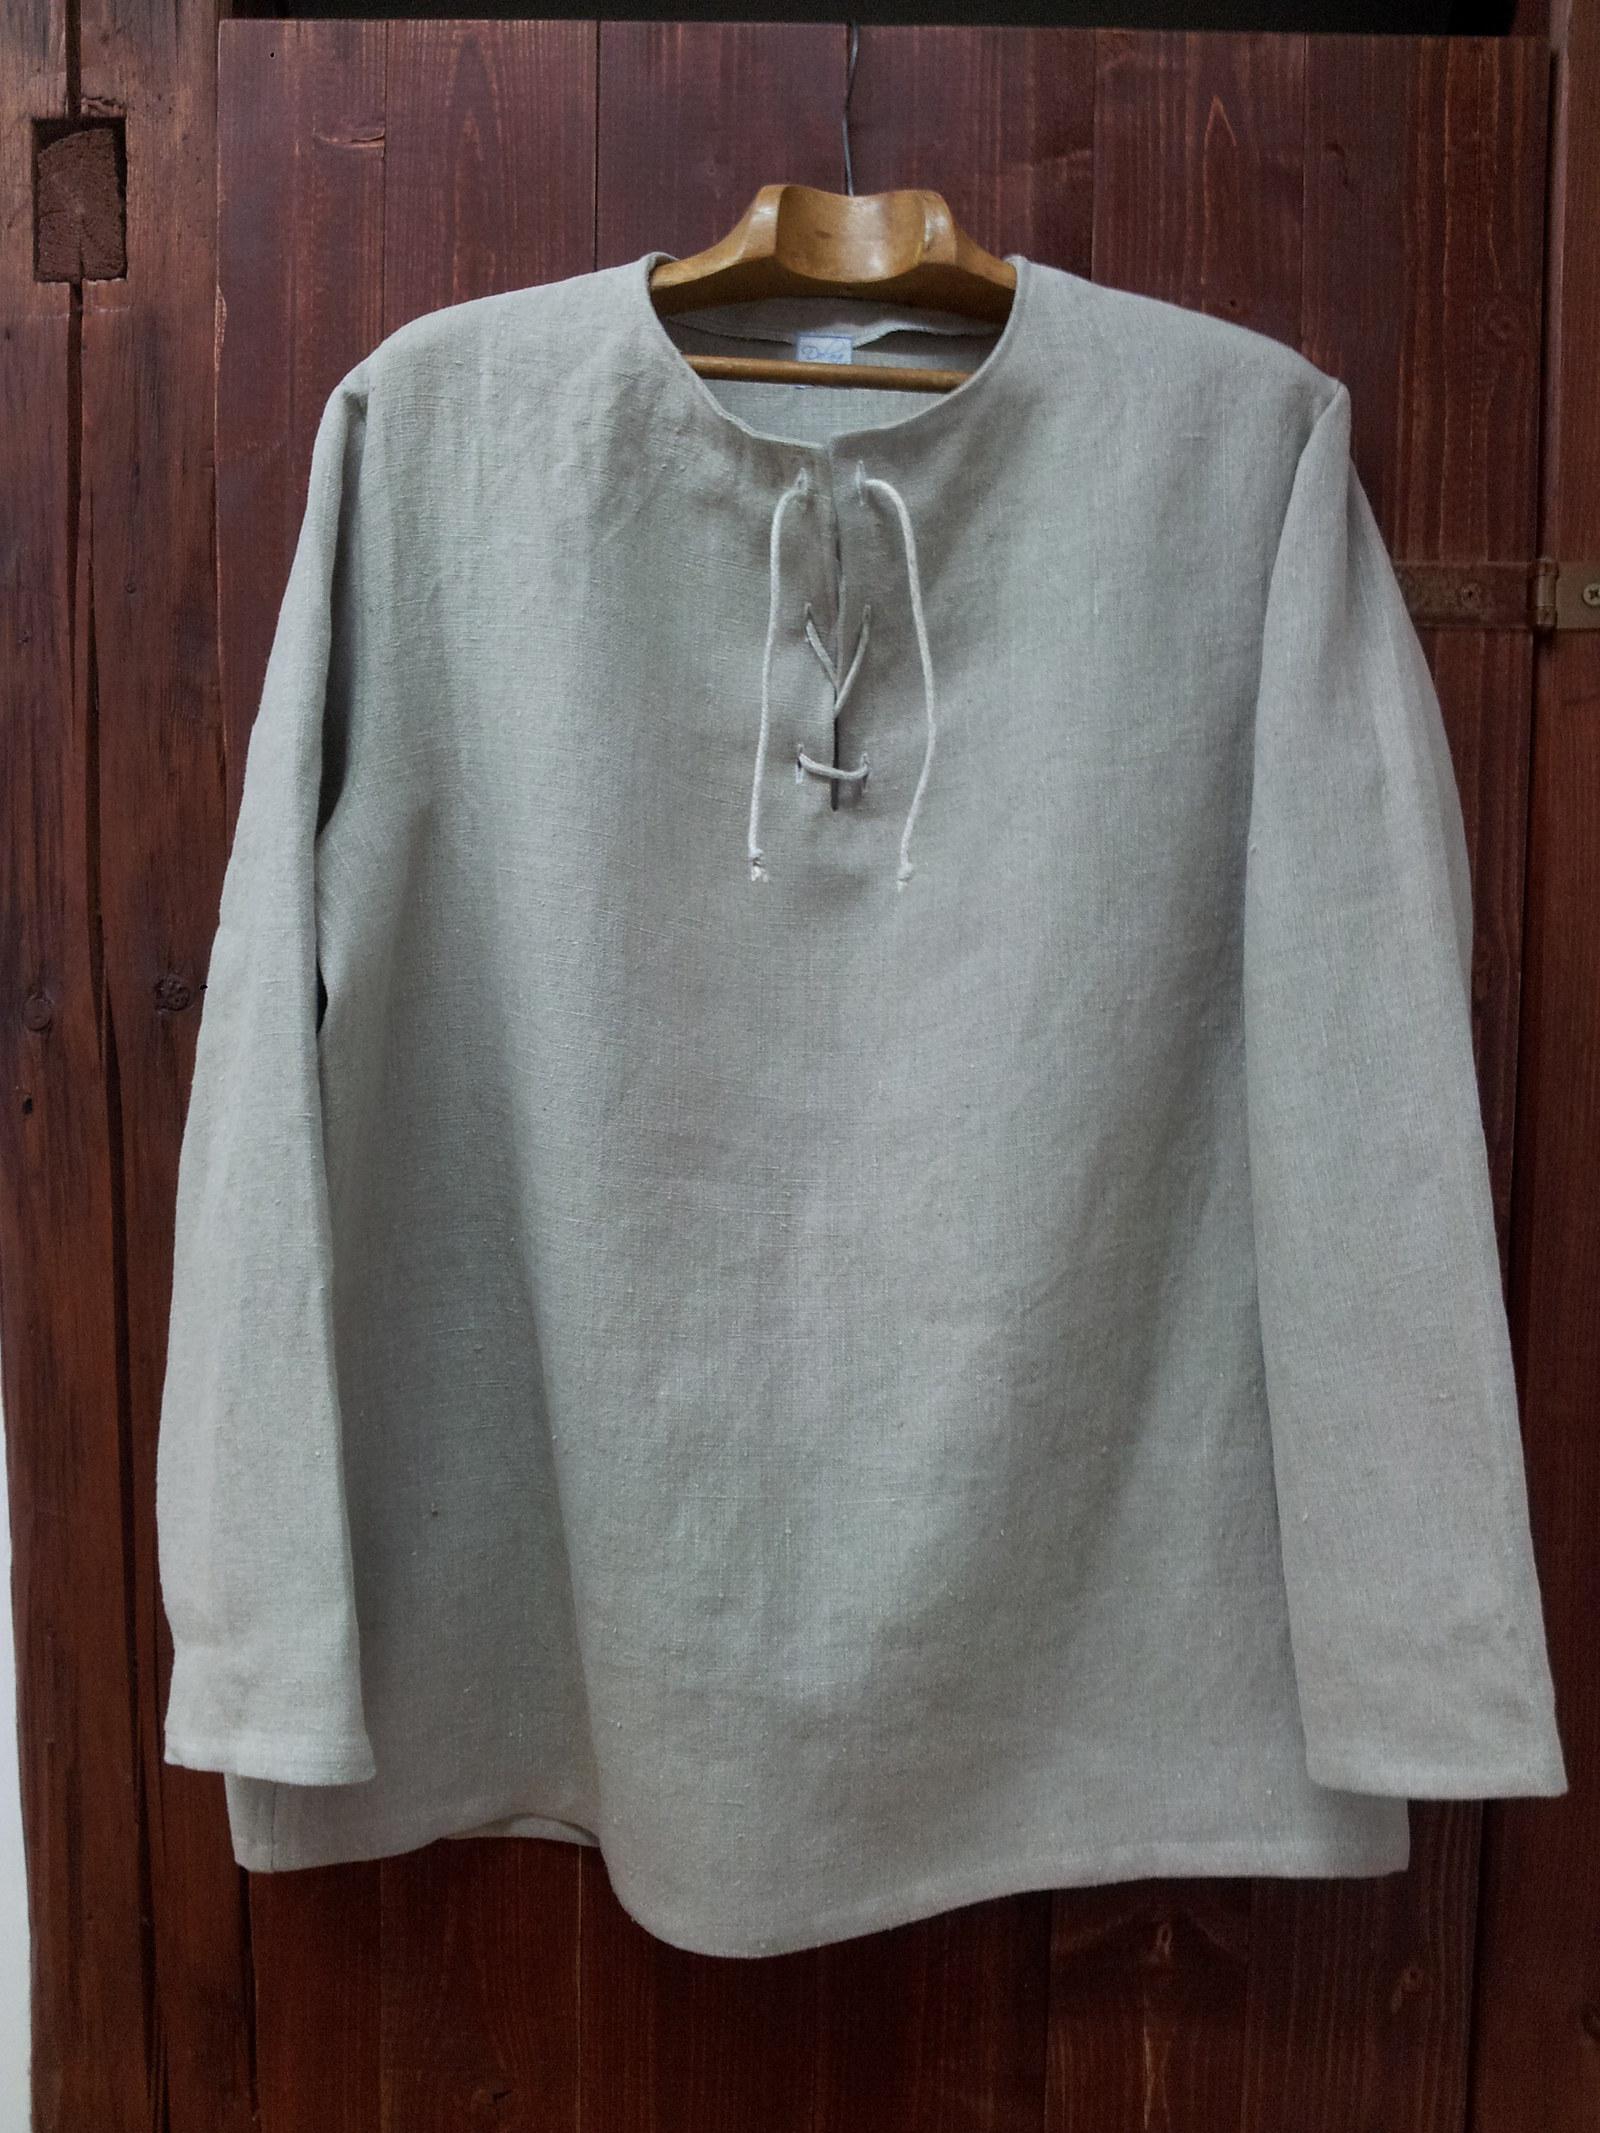 Pánská lněná košile ze 100% lnu XXL   Zboží prodejce dolna-eco  227dffefcc